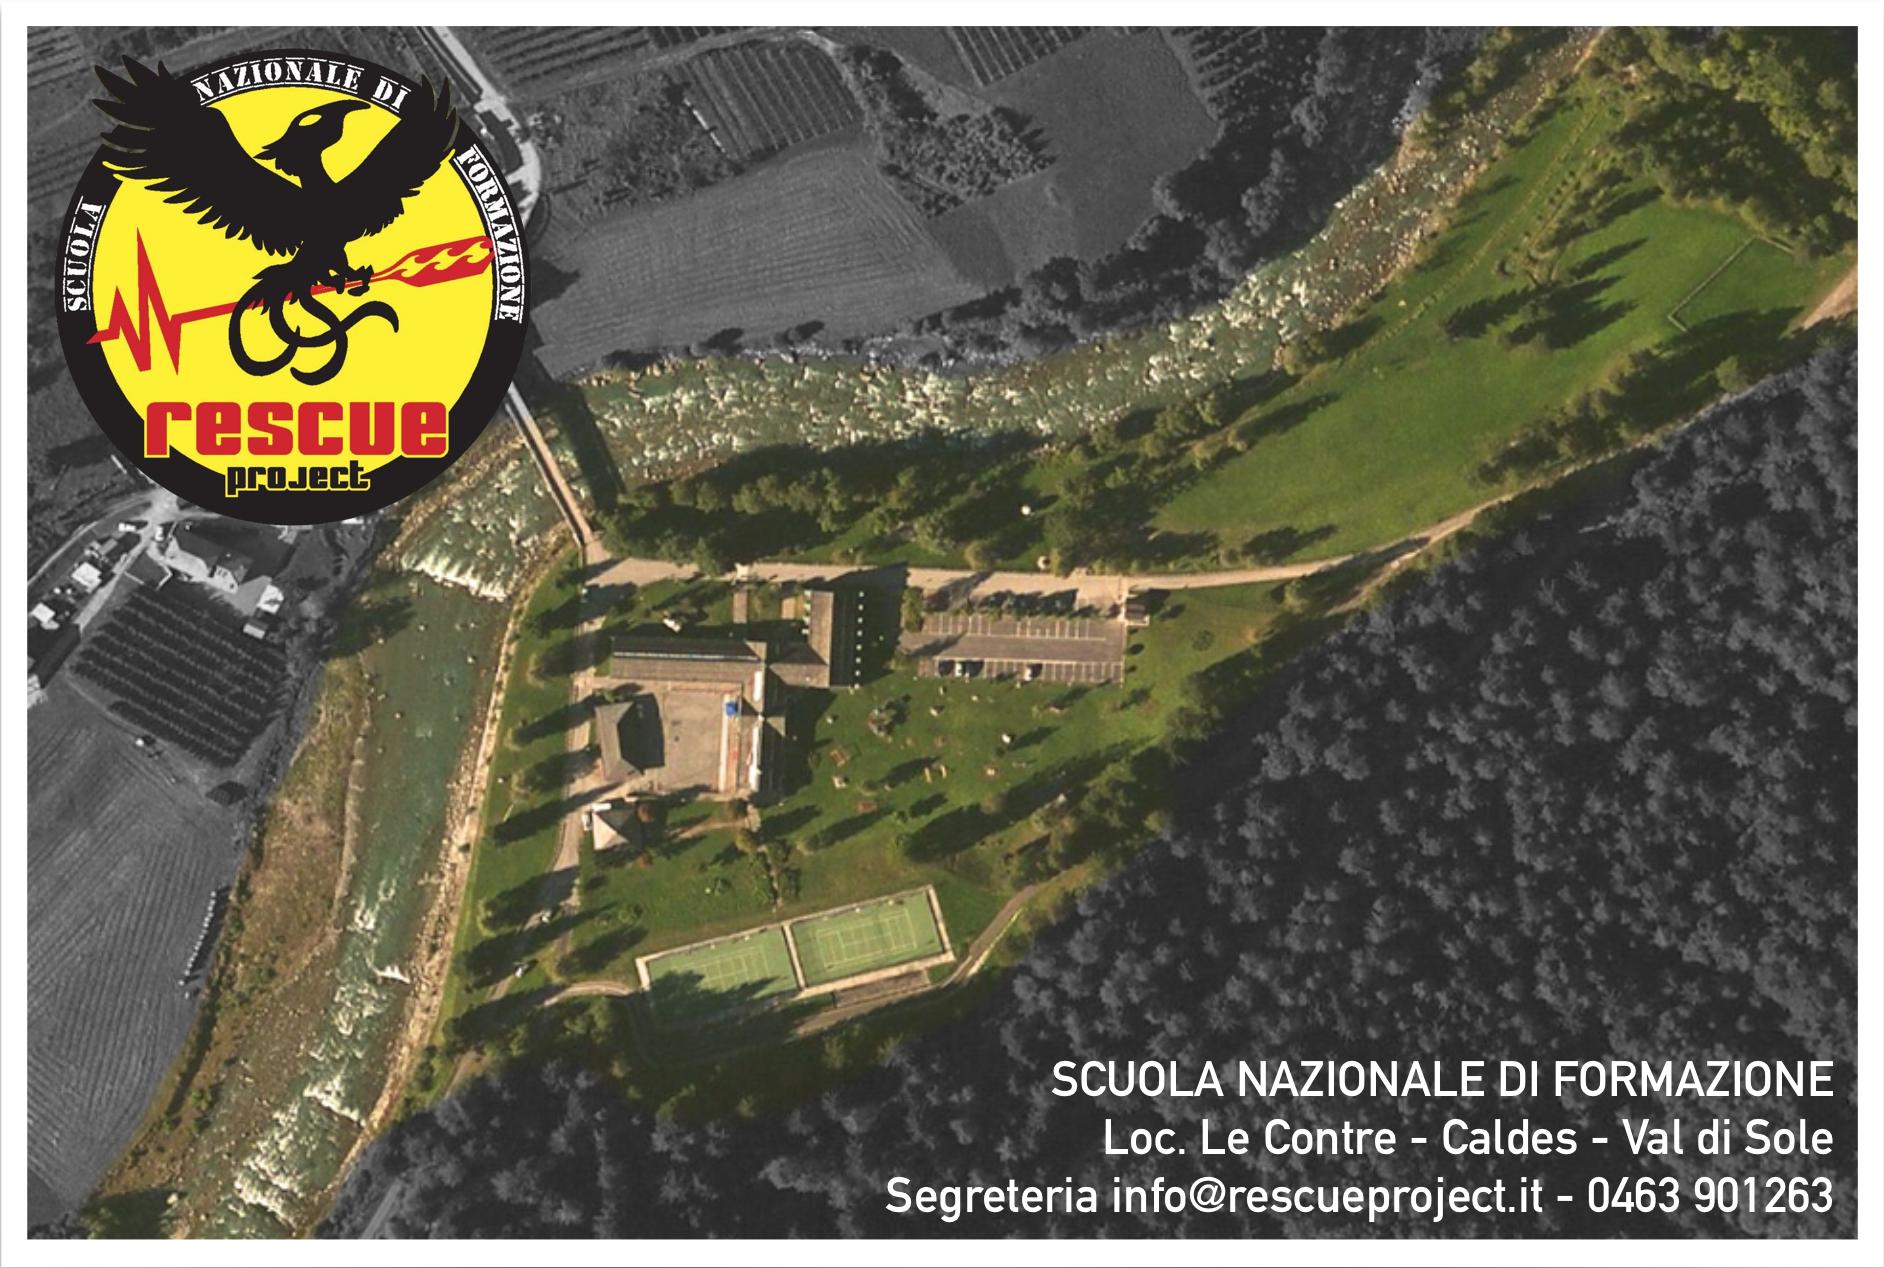 APERTURA CENTRO DI FORMAZIONE NAZIONALE RESCUE PROJECT IN VAL DI SOLE